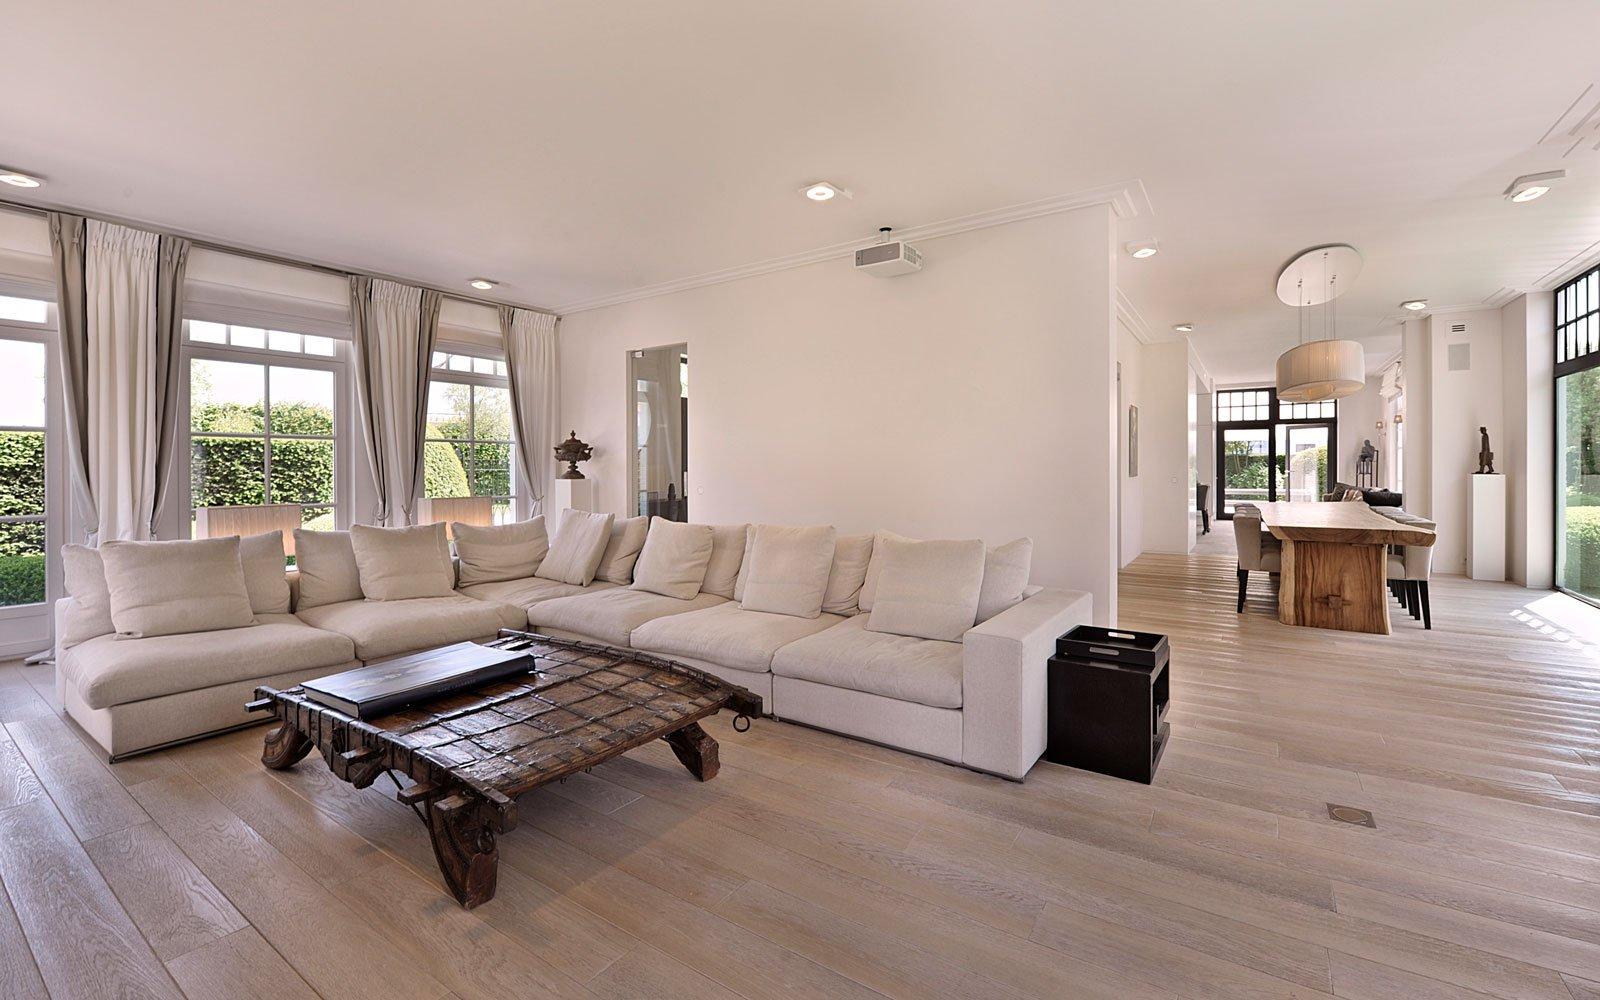 Woonkamer, lounge, hoekbank, houten vloer, ruimtelijk, lichtinval, klassieke villa, Bart François